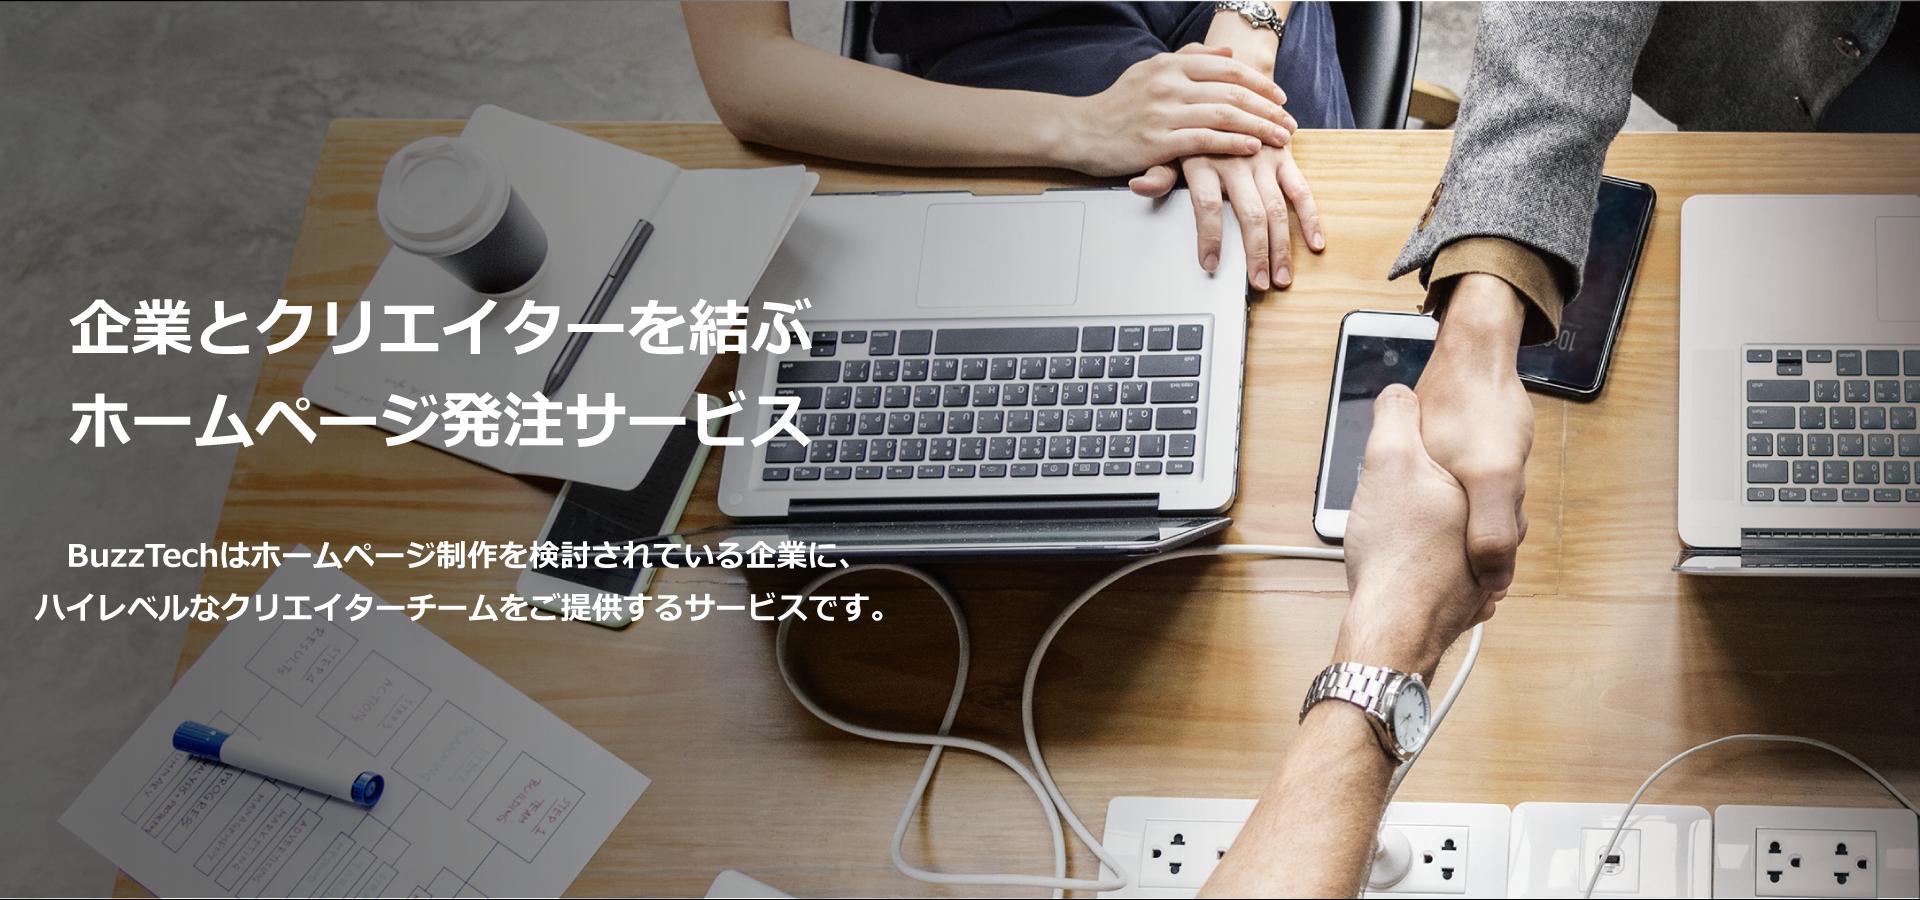 ホームページ制作会社 株式会社JPクレスト